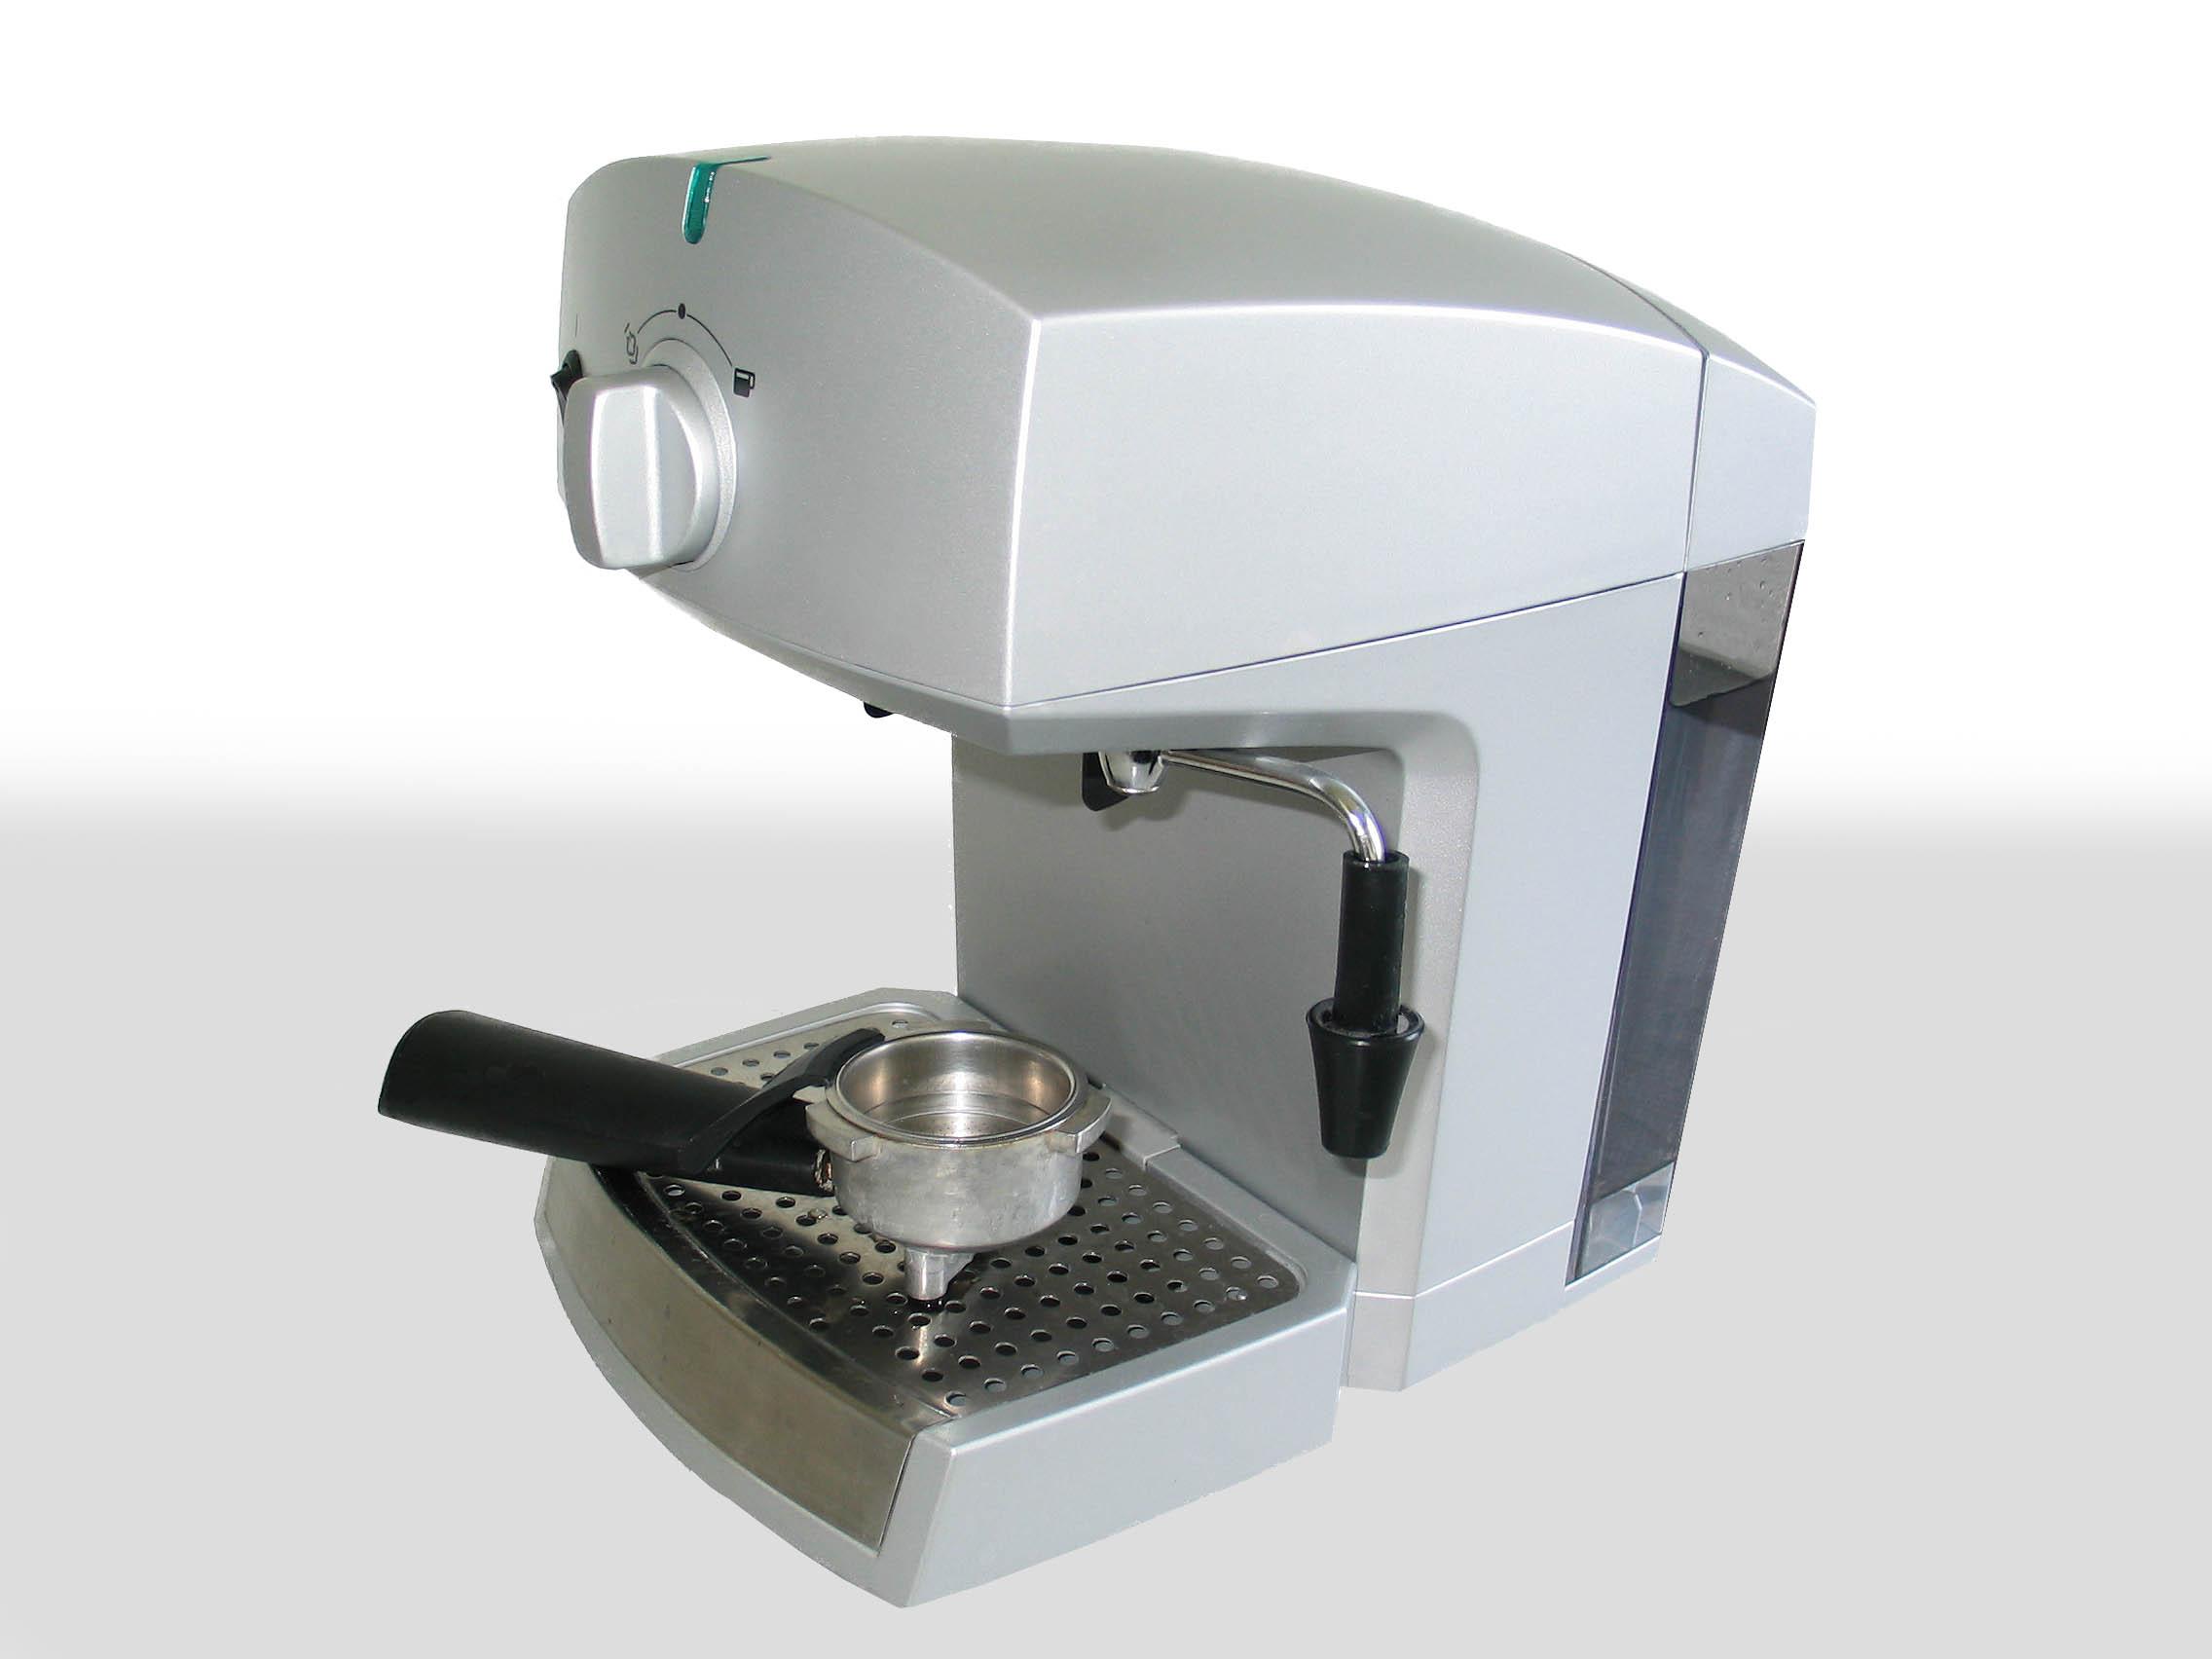 Mmm... Delicious espresso